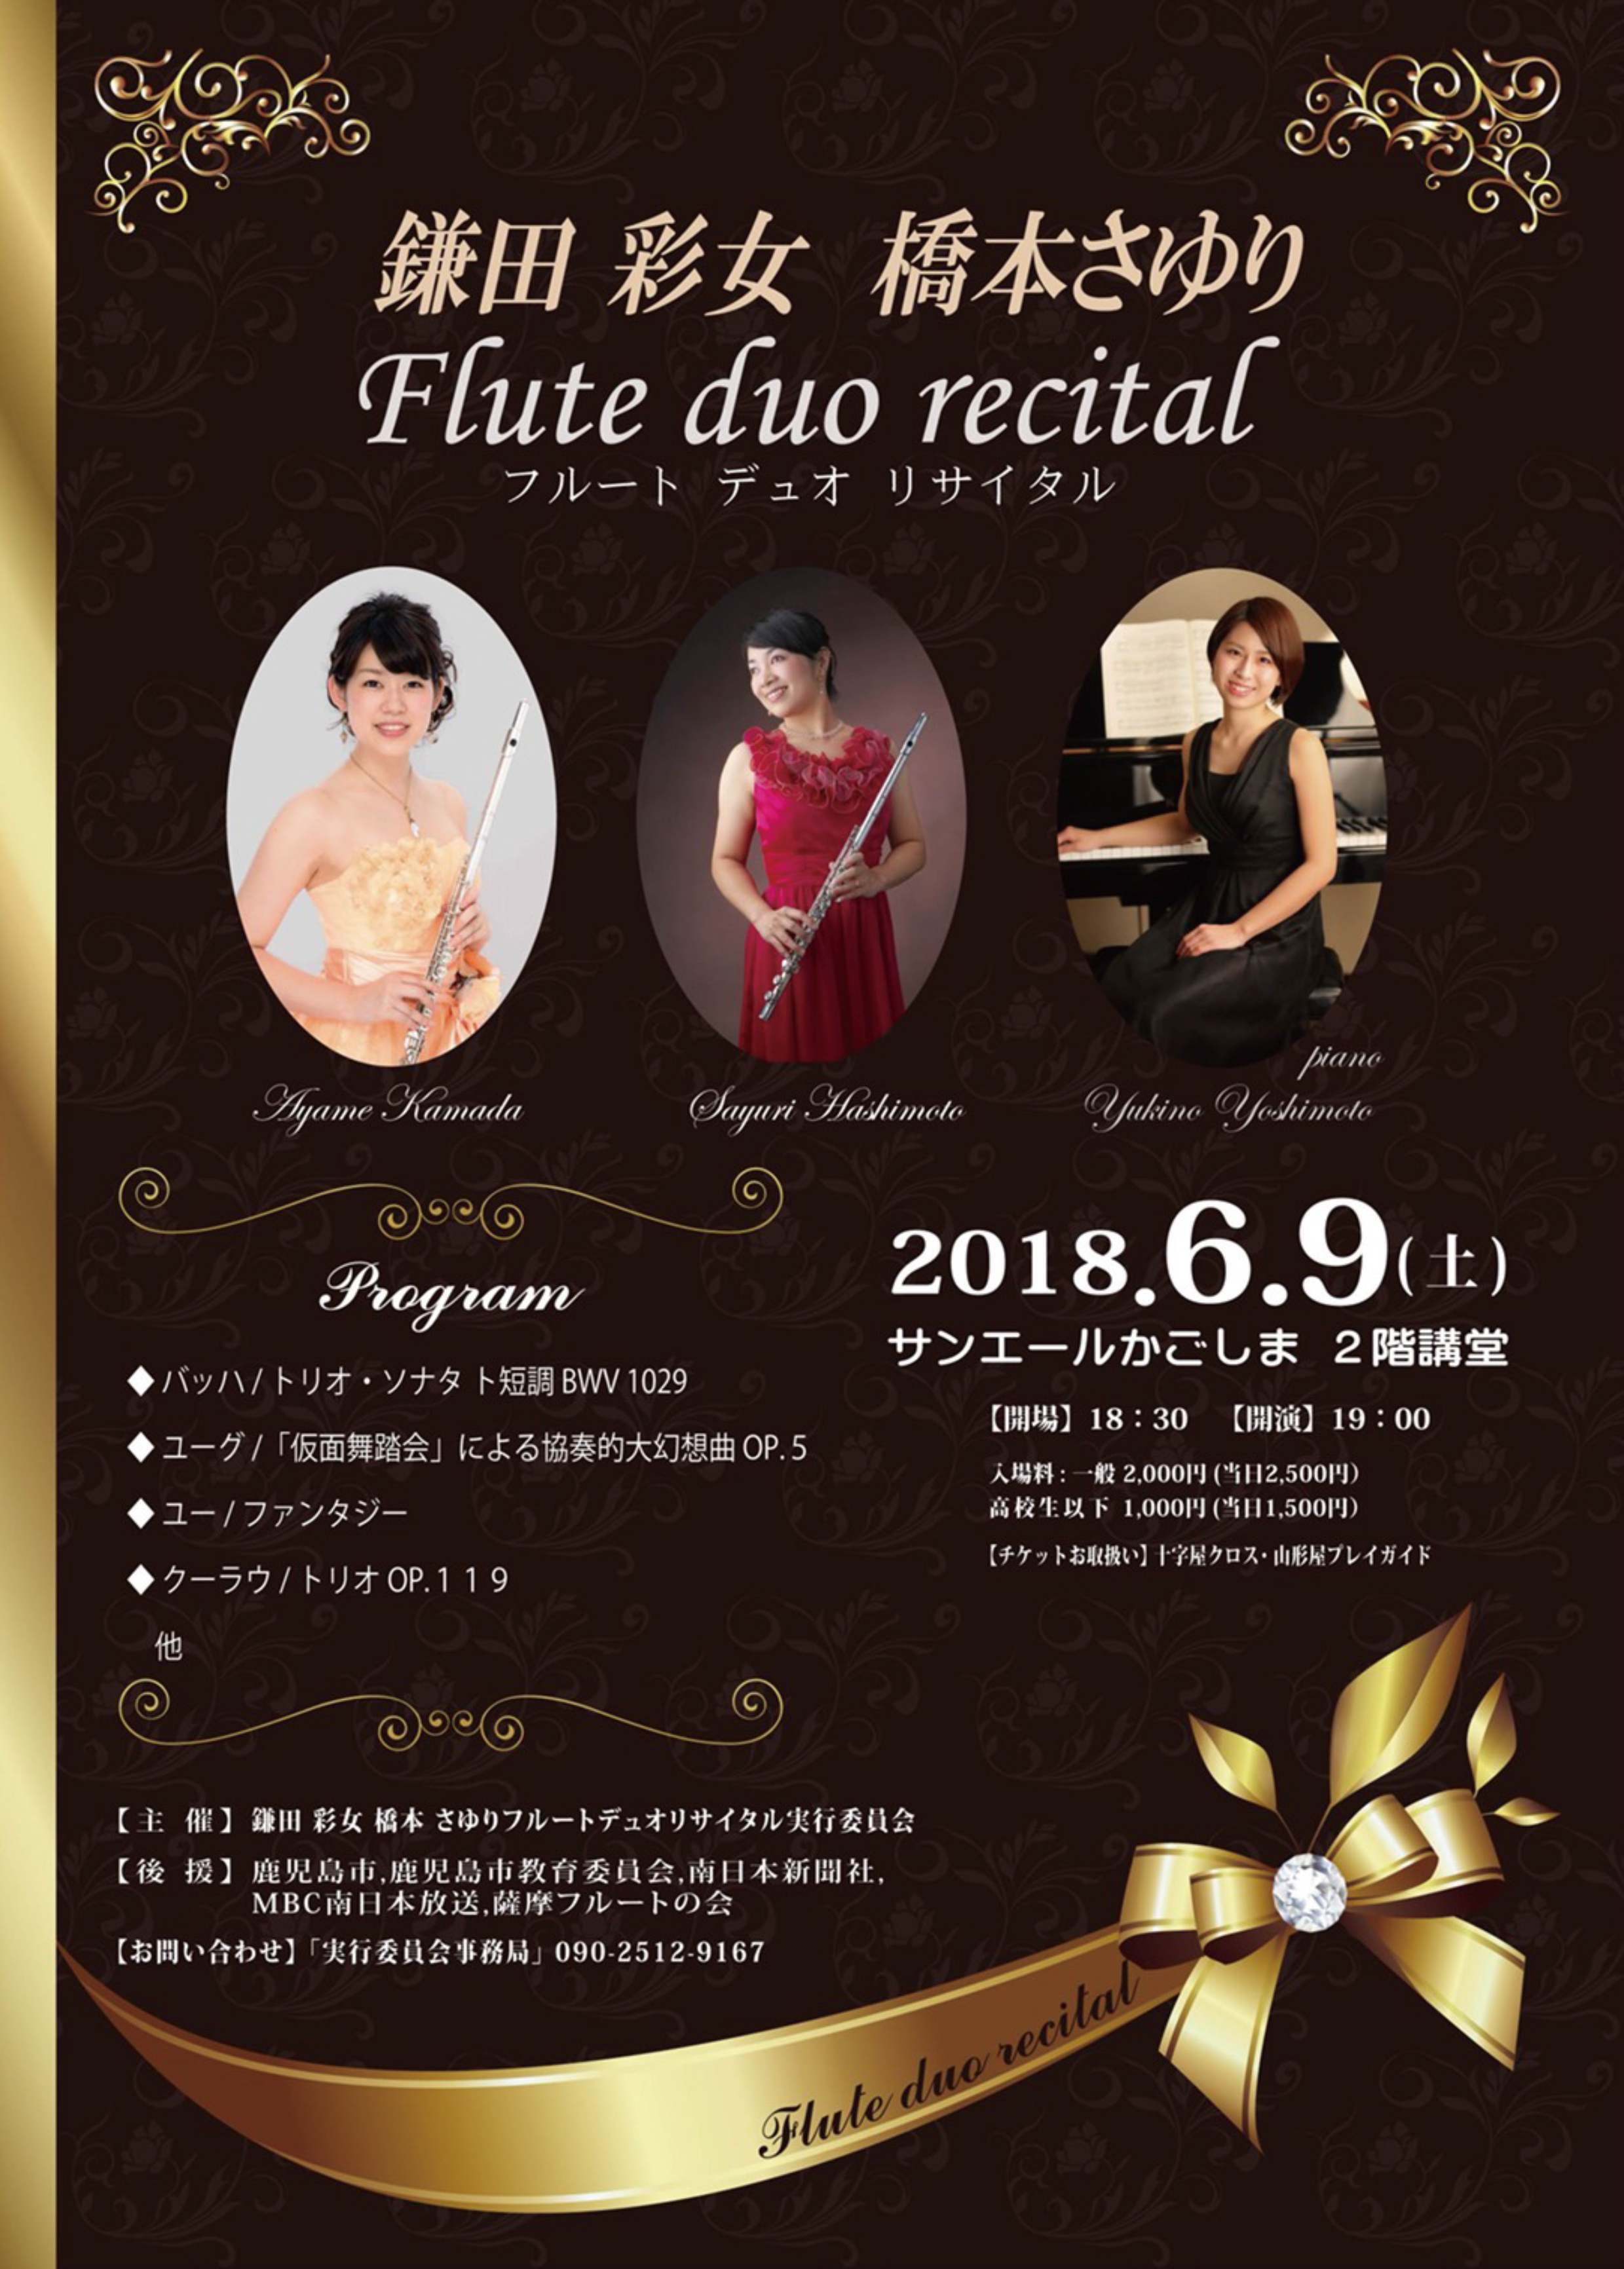 鎌田 彩女 橋本 さゆり フルート デュオ リサイタル 2018.06.09